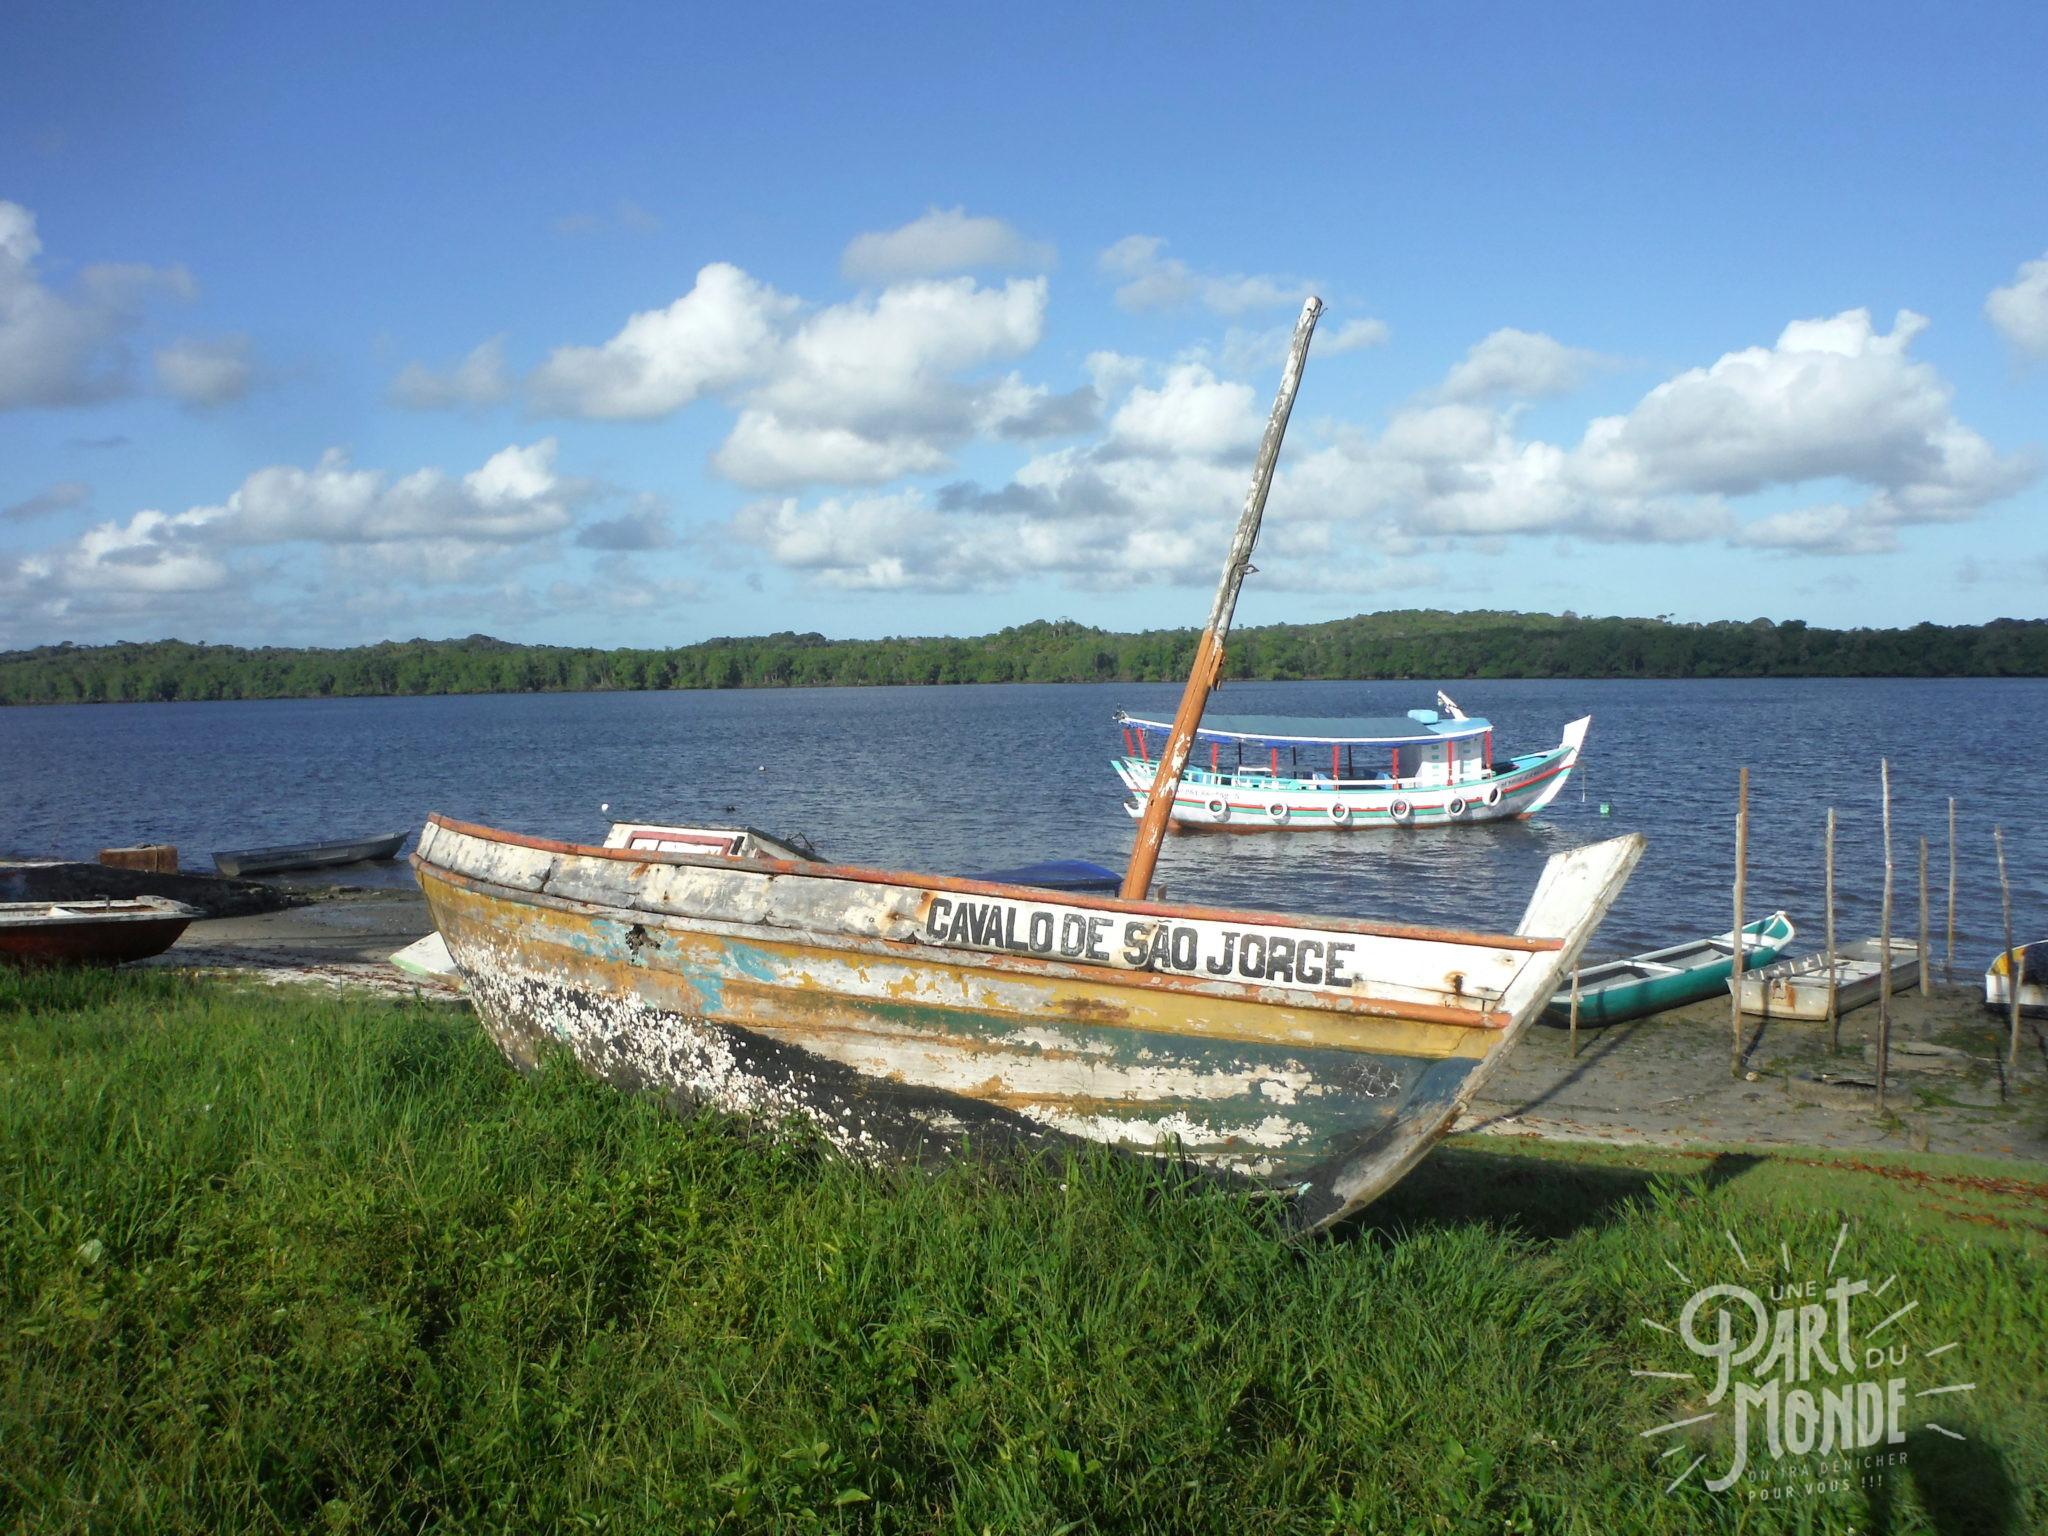 île de tinharé tour en bateau cairu épave